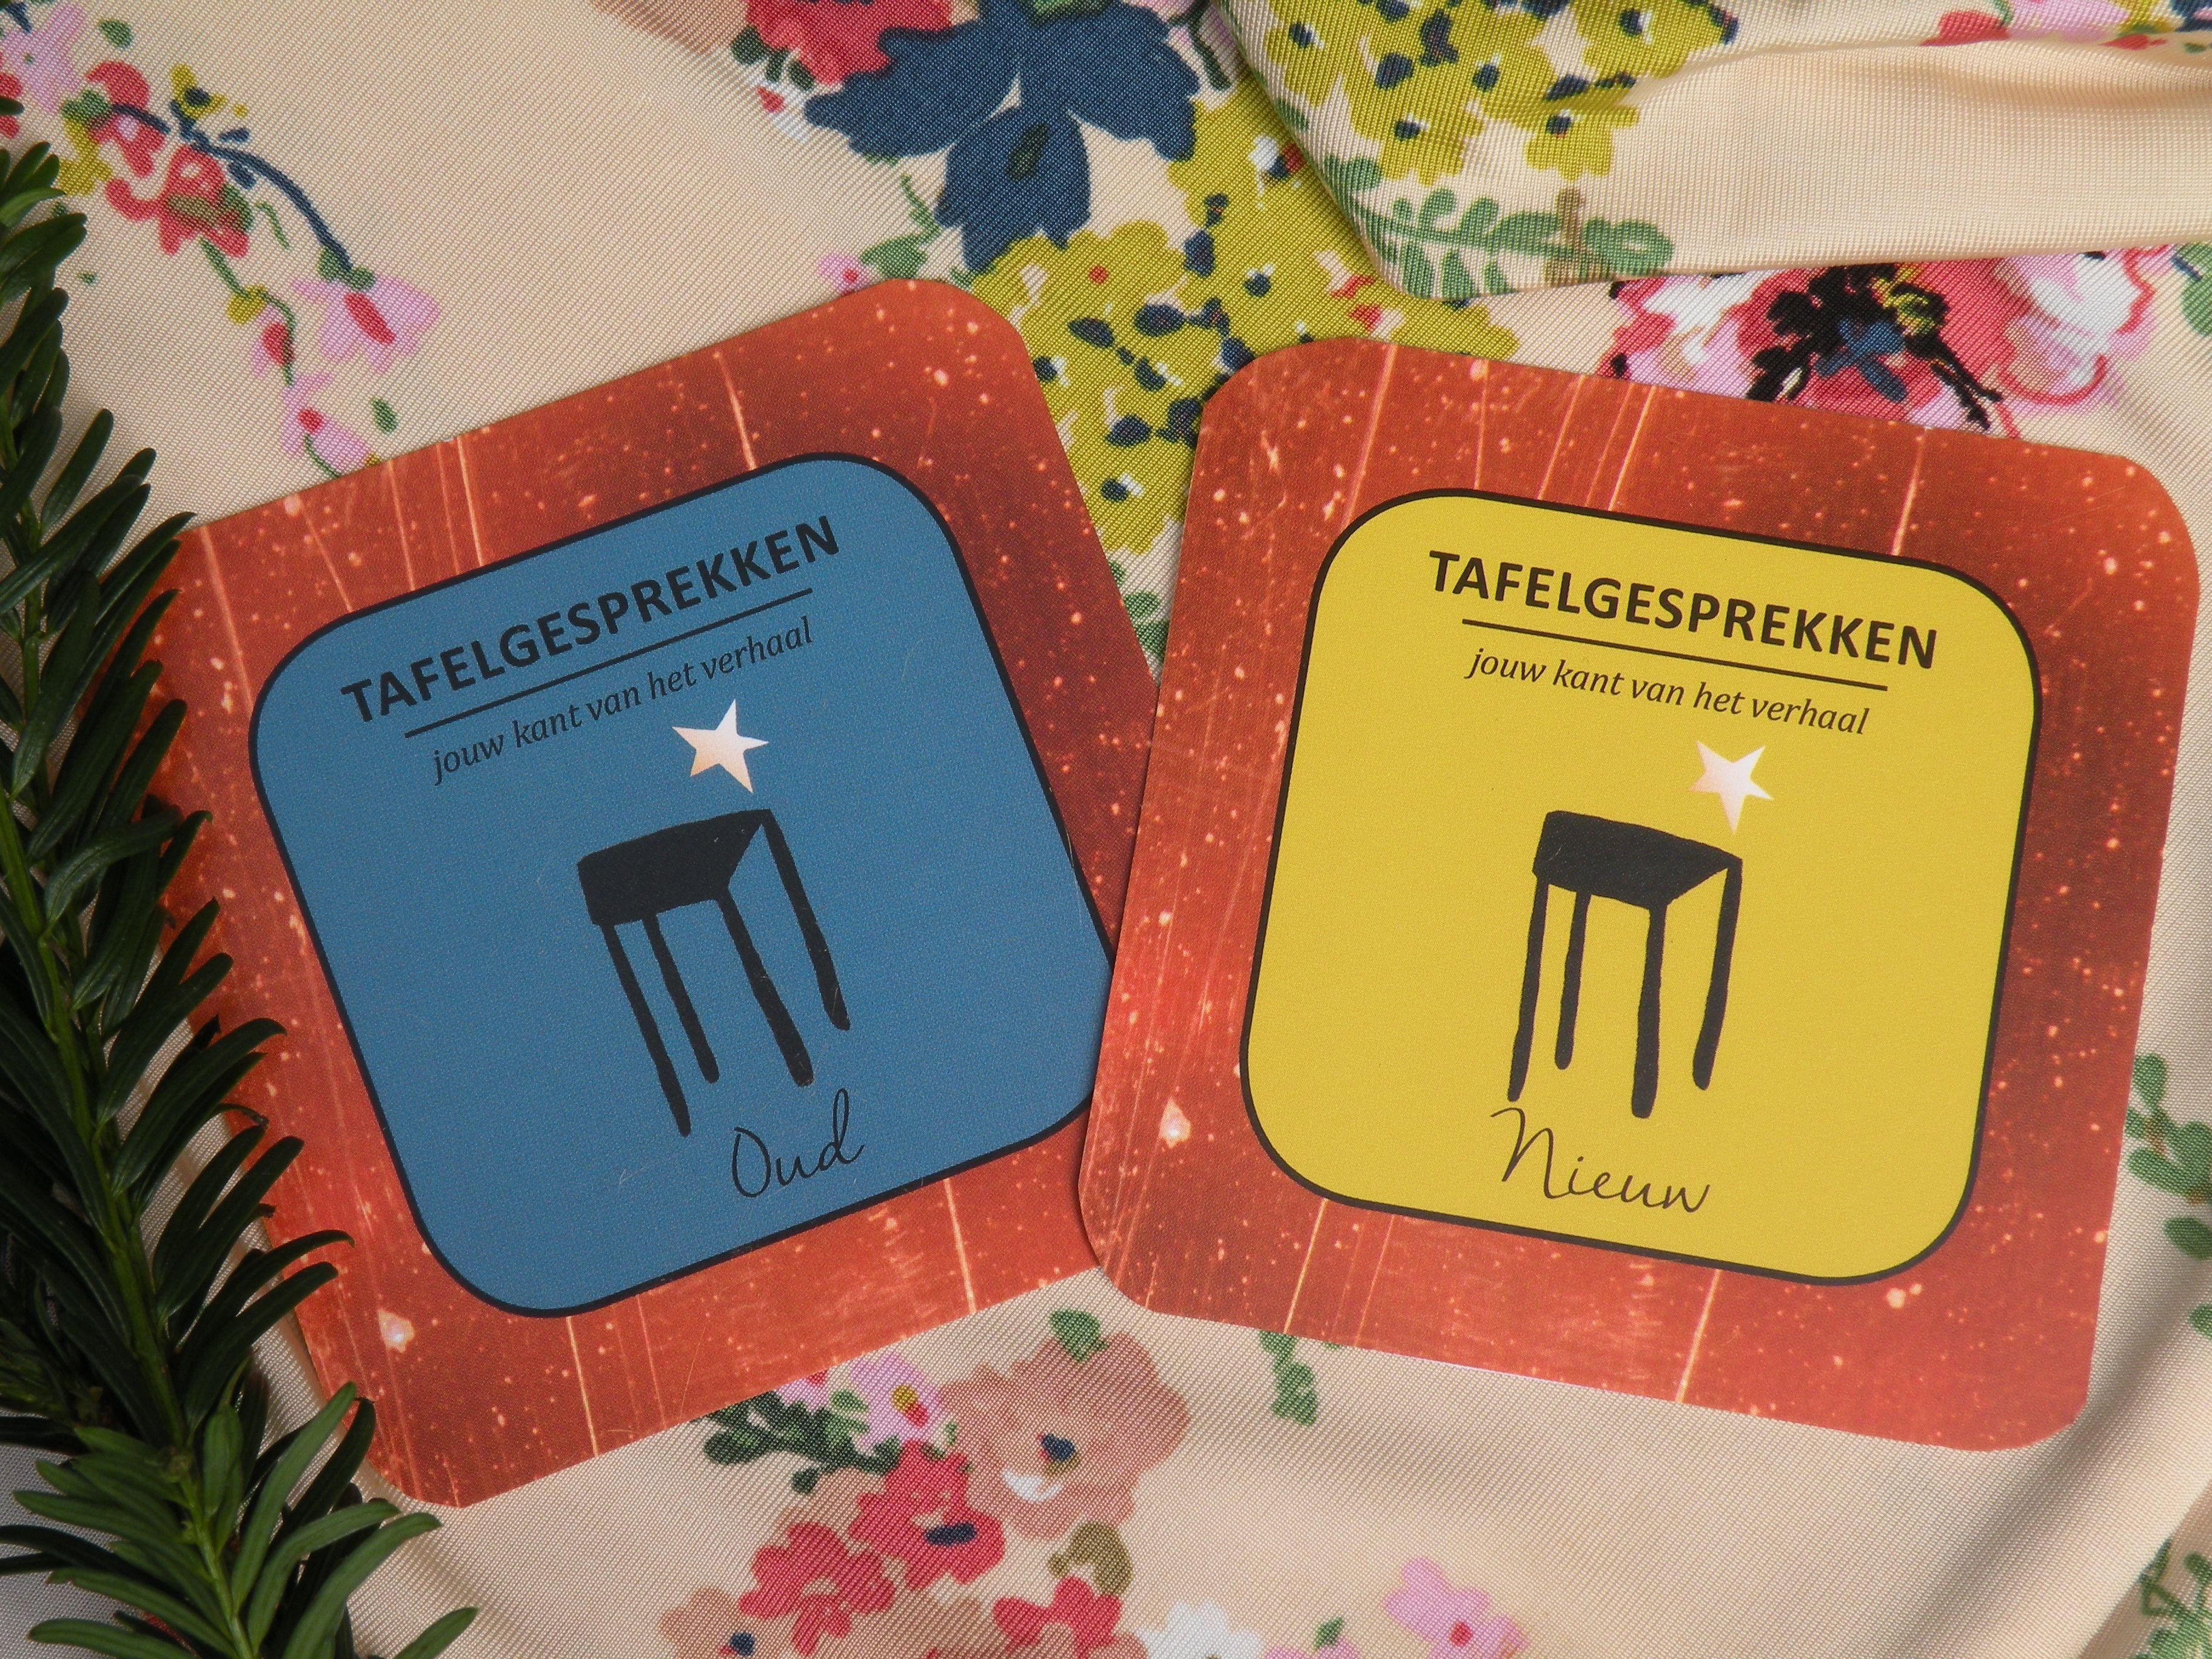 Met oud en nieuw de kaarten op tafel tafelgesprekken feestdagen